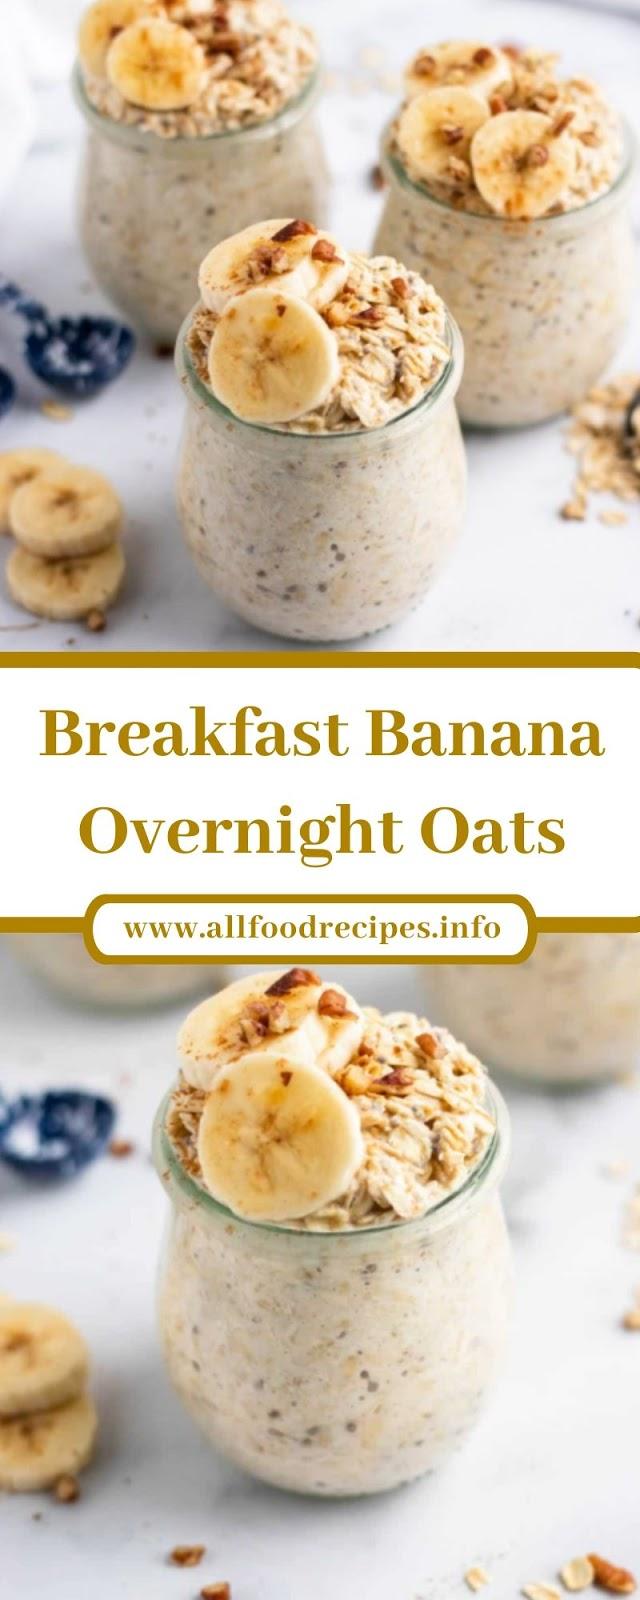 Breakfast Banana Overnight Oats